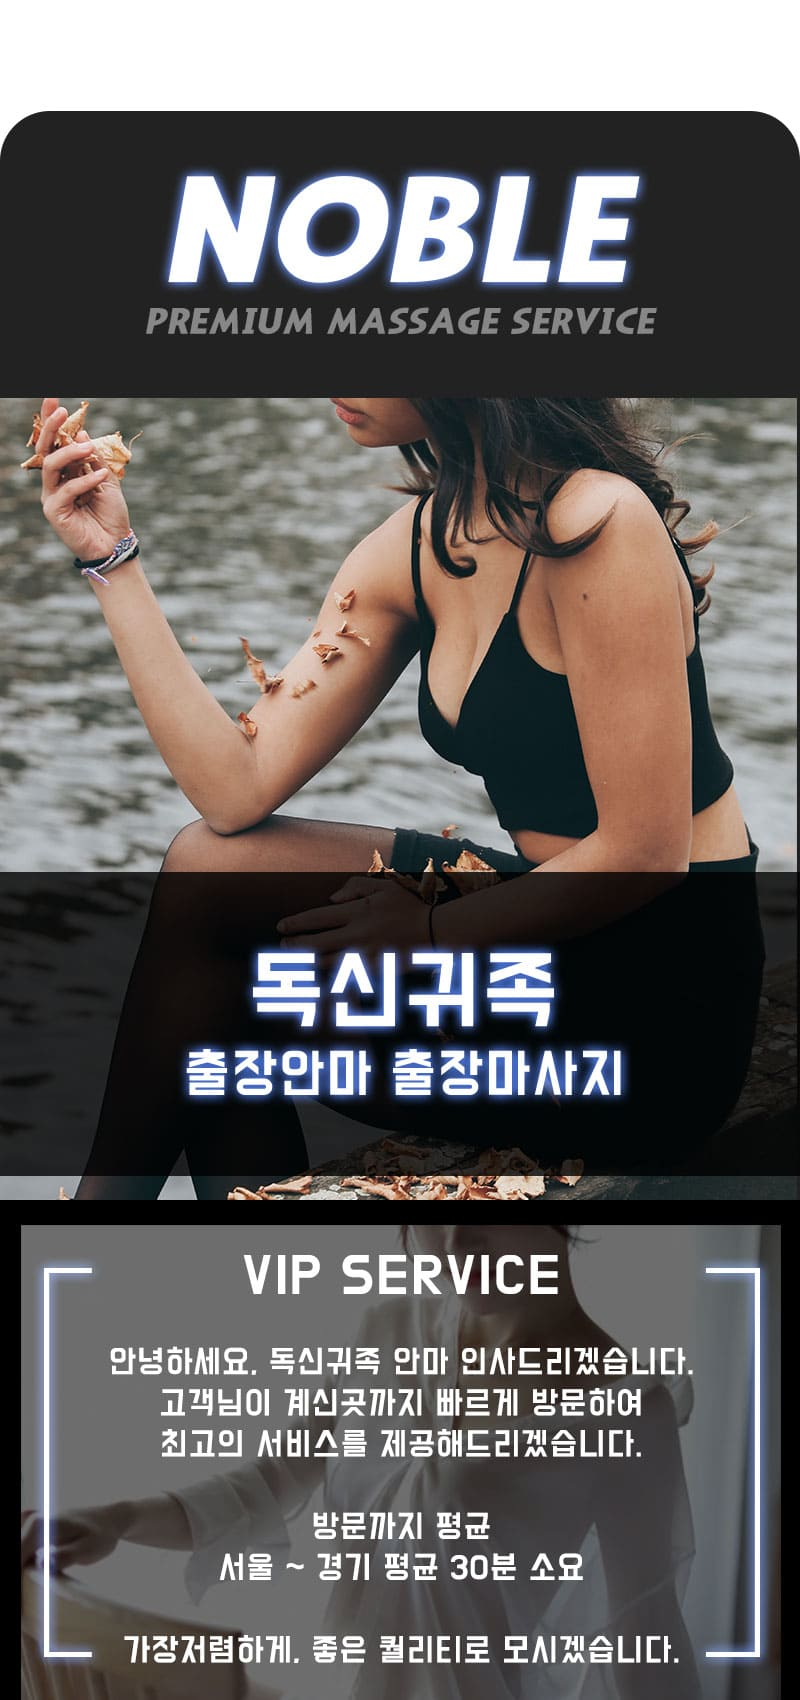 부천출장안마 소개